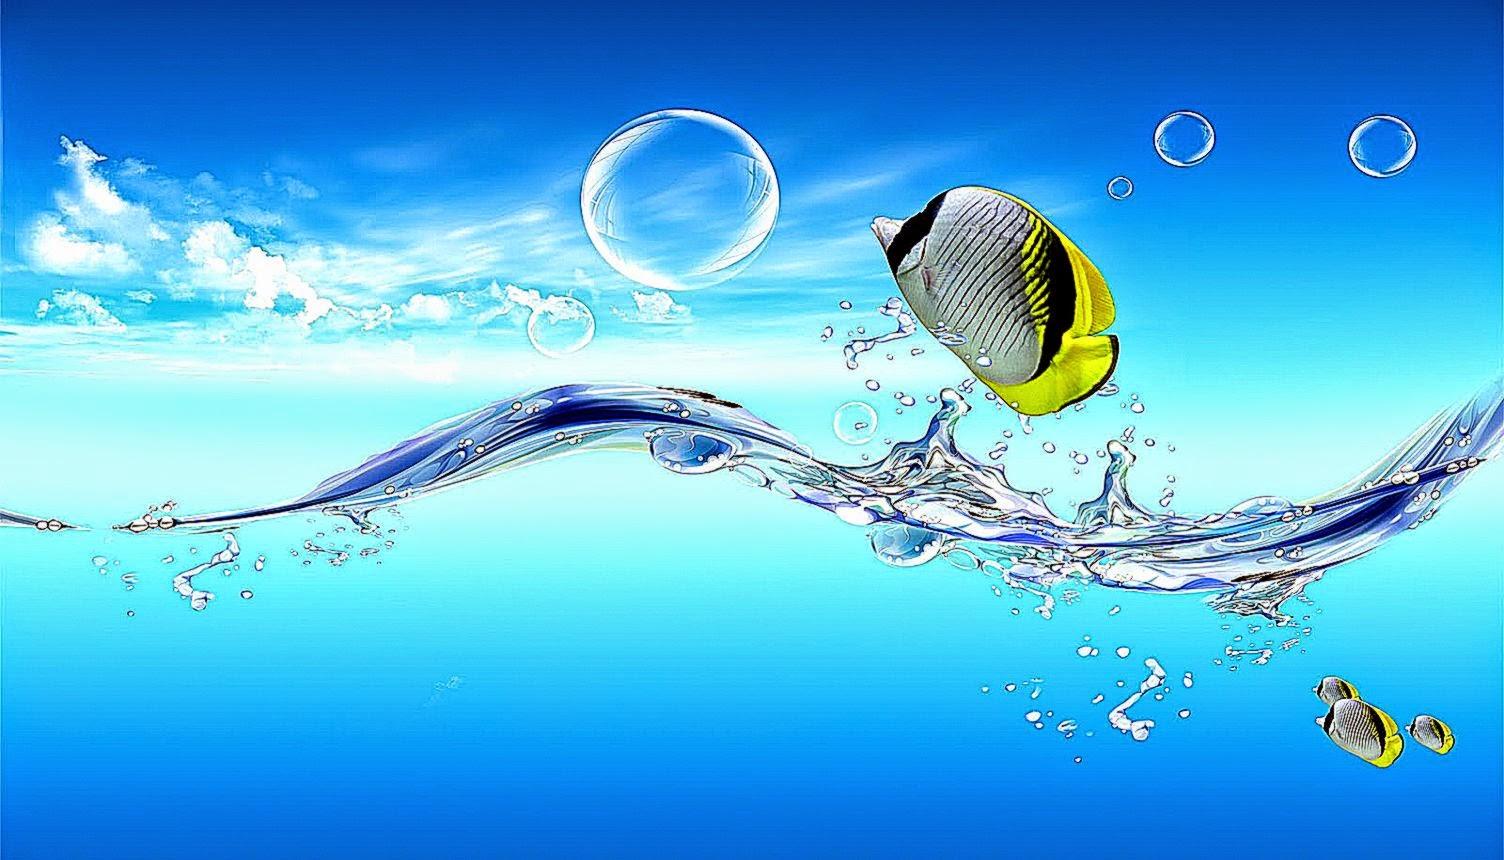 3D Water Wallpaper Widescreen | All HD Wallpapers